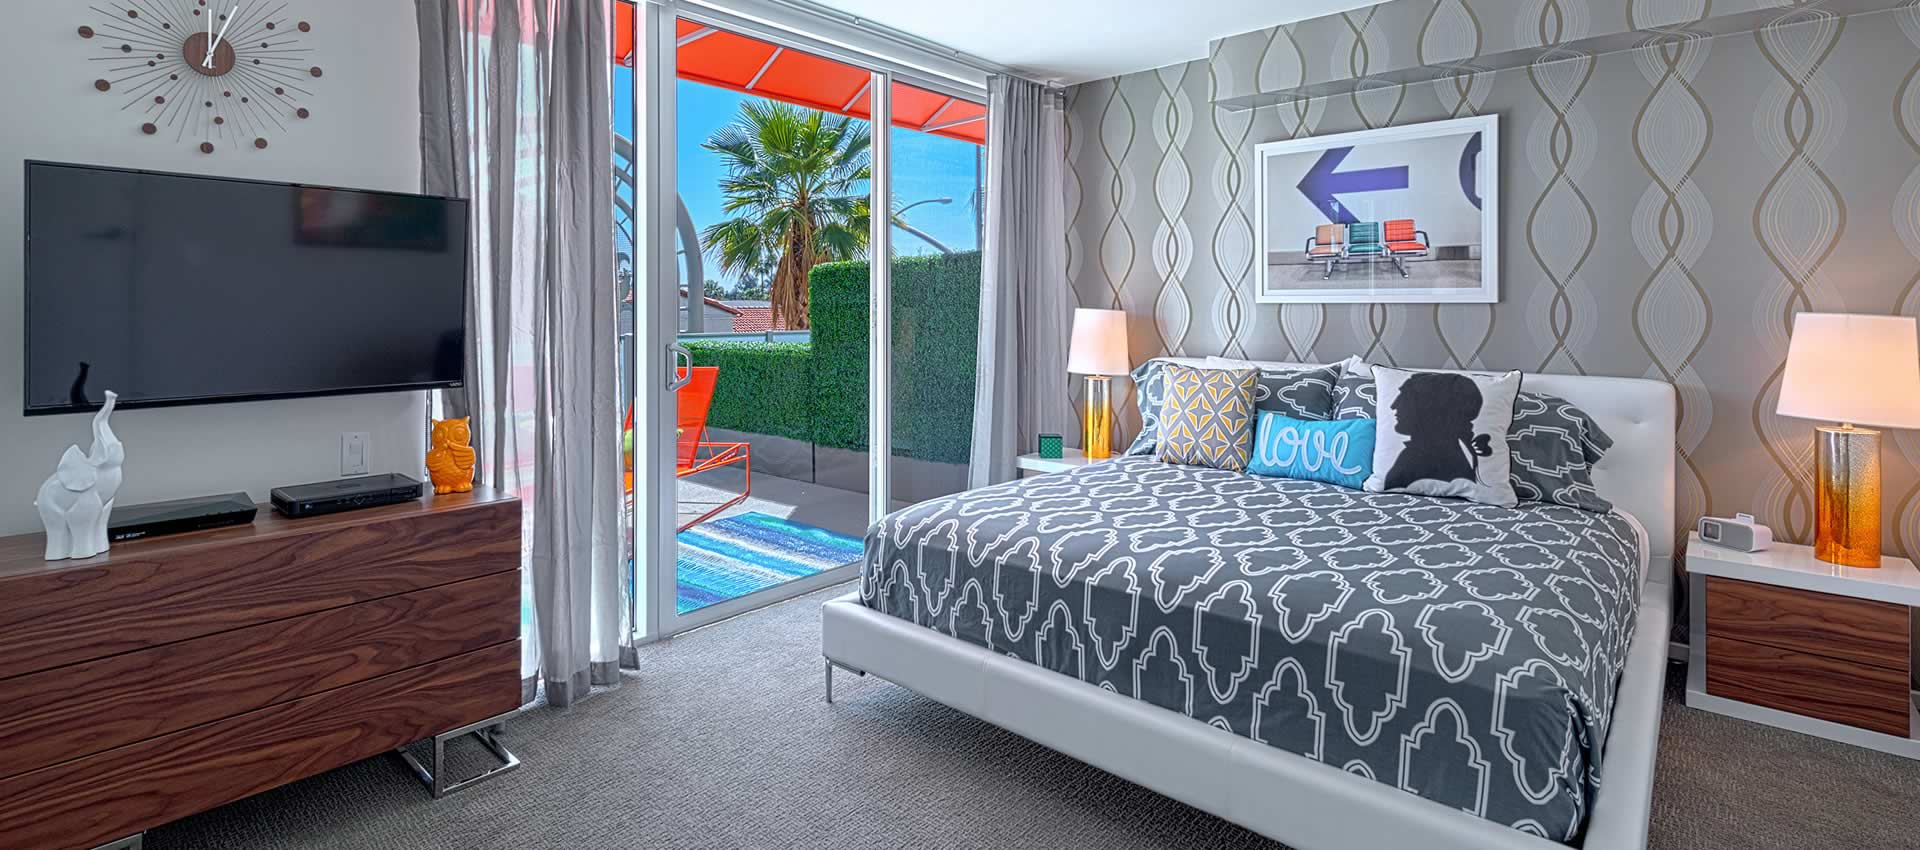 twist-hotel-room217-bedroom-02